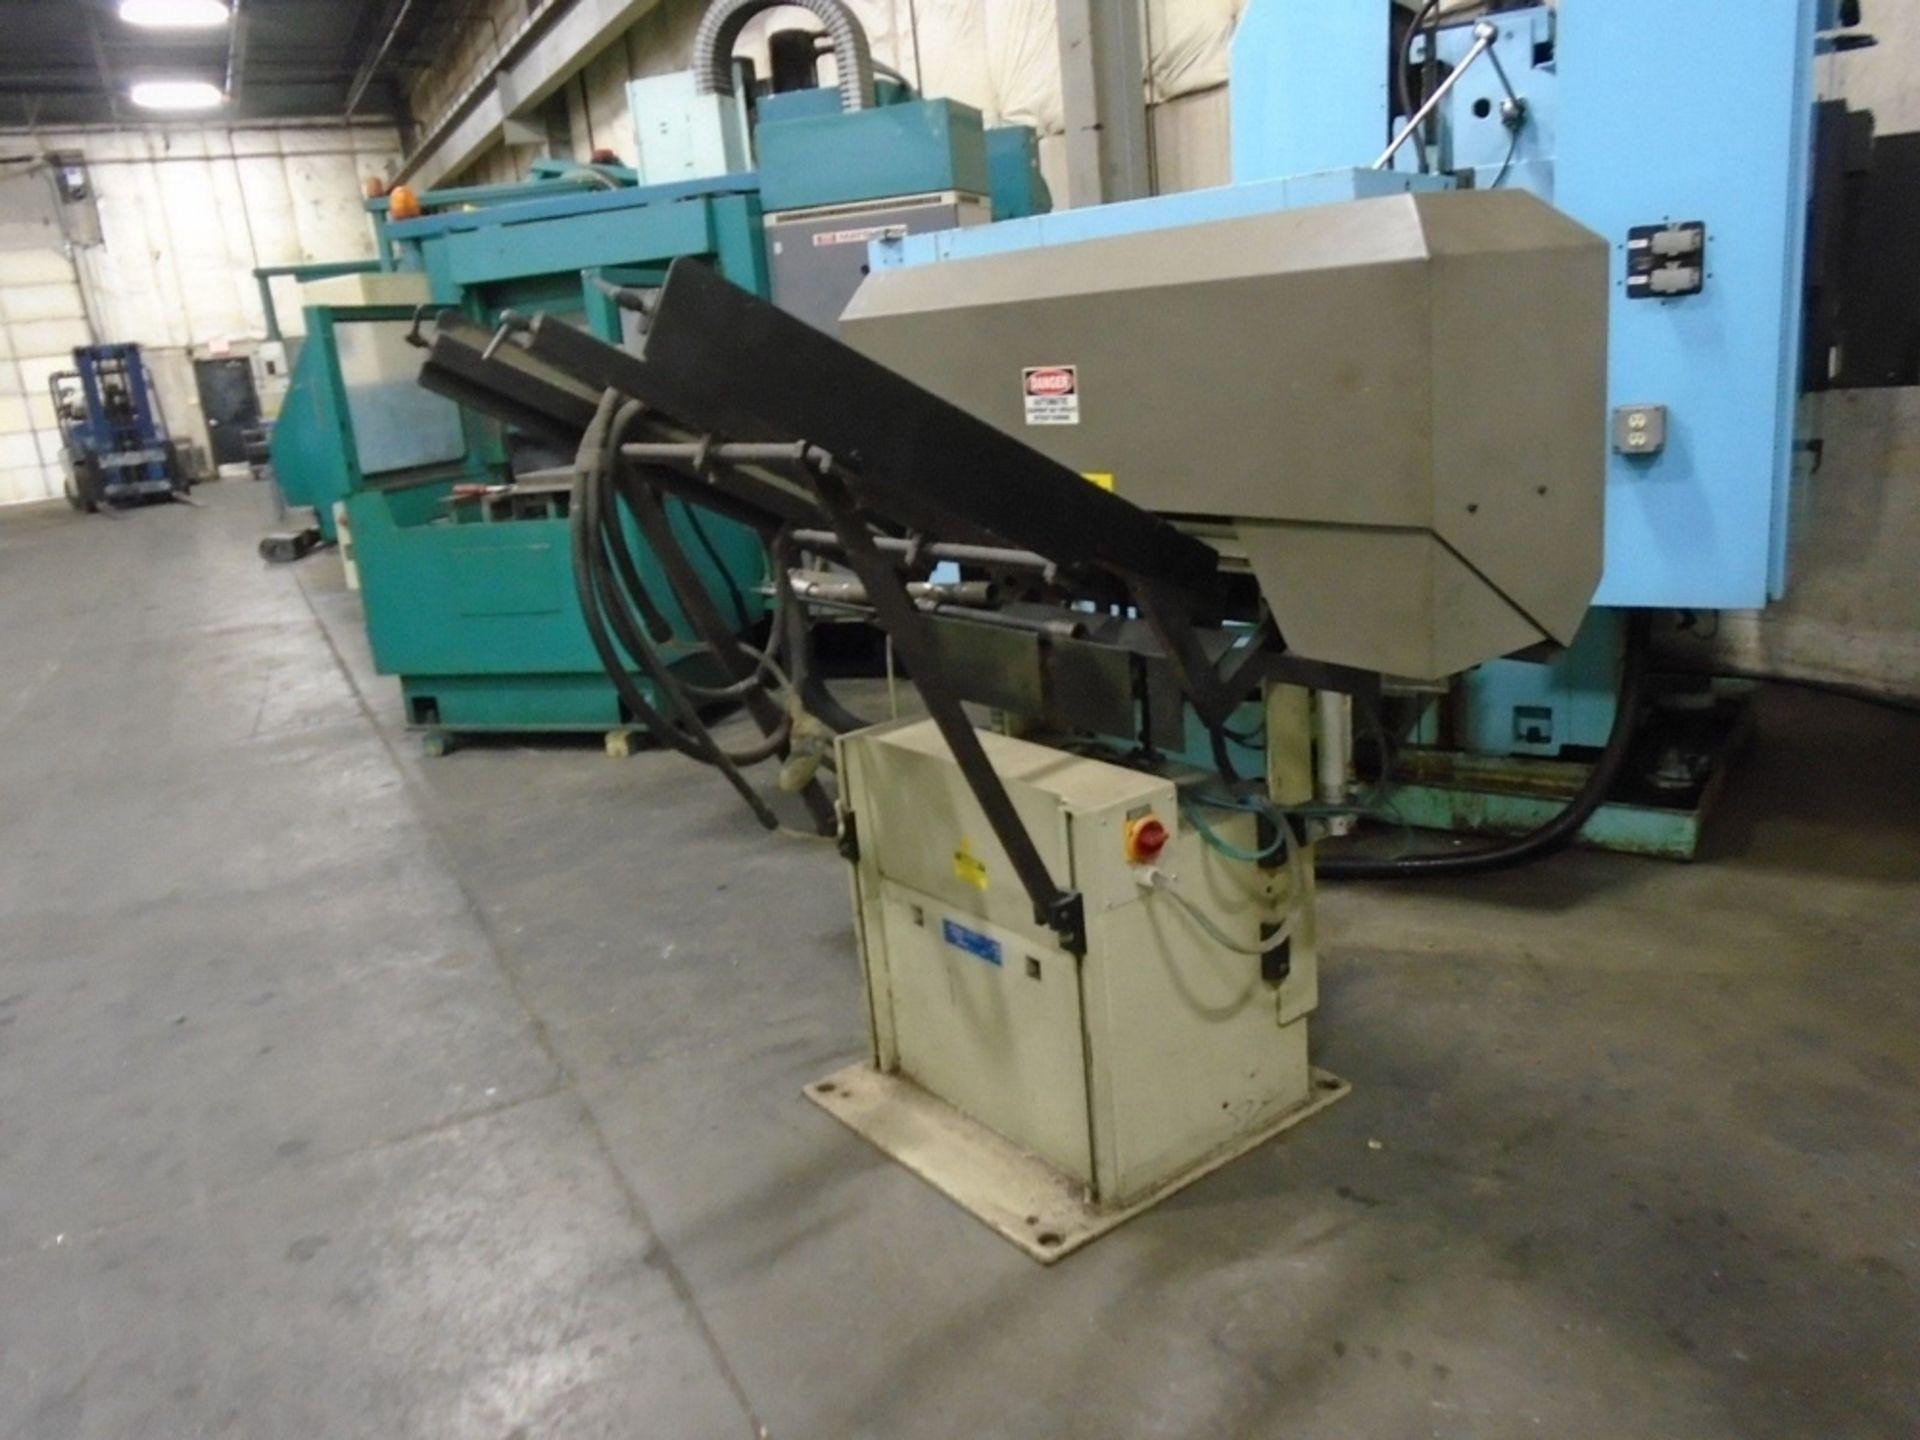 Lot 13 - LNS Quick Load LNS-SA Automatic Servo Bar Loader  Model: LNS-SA 2534 ORVIN (Quick-Load)  Bar Stock